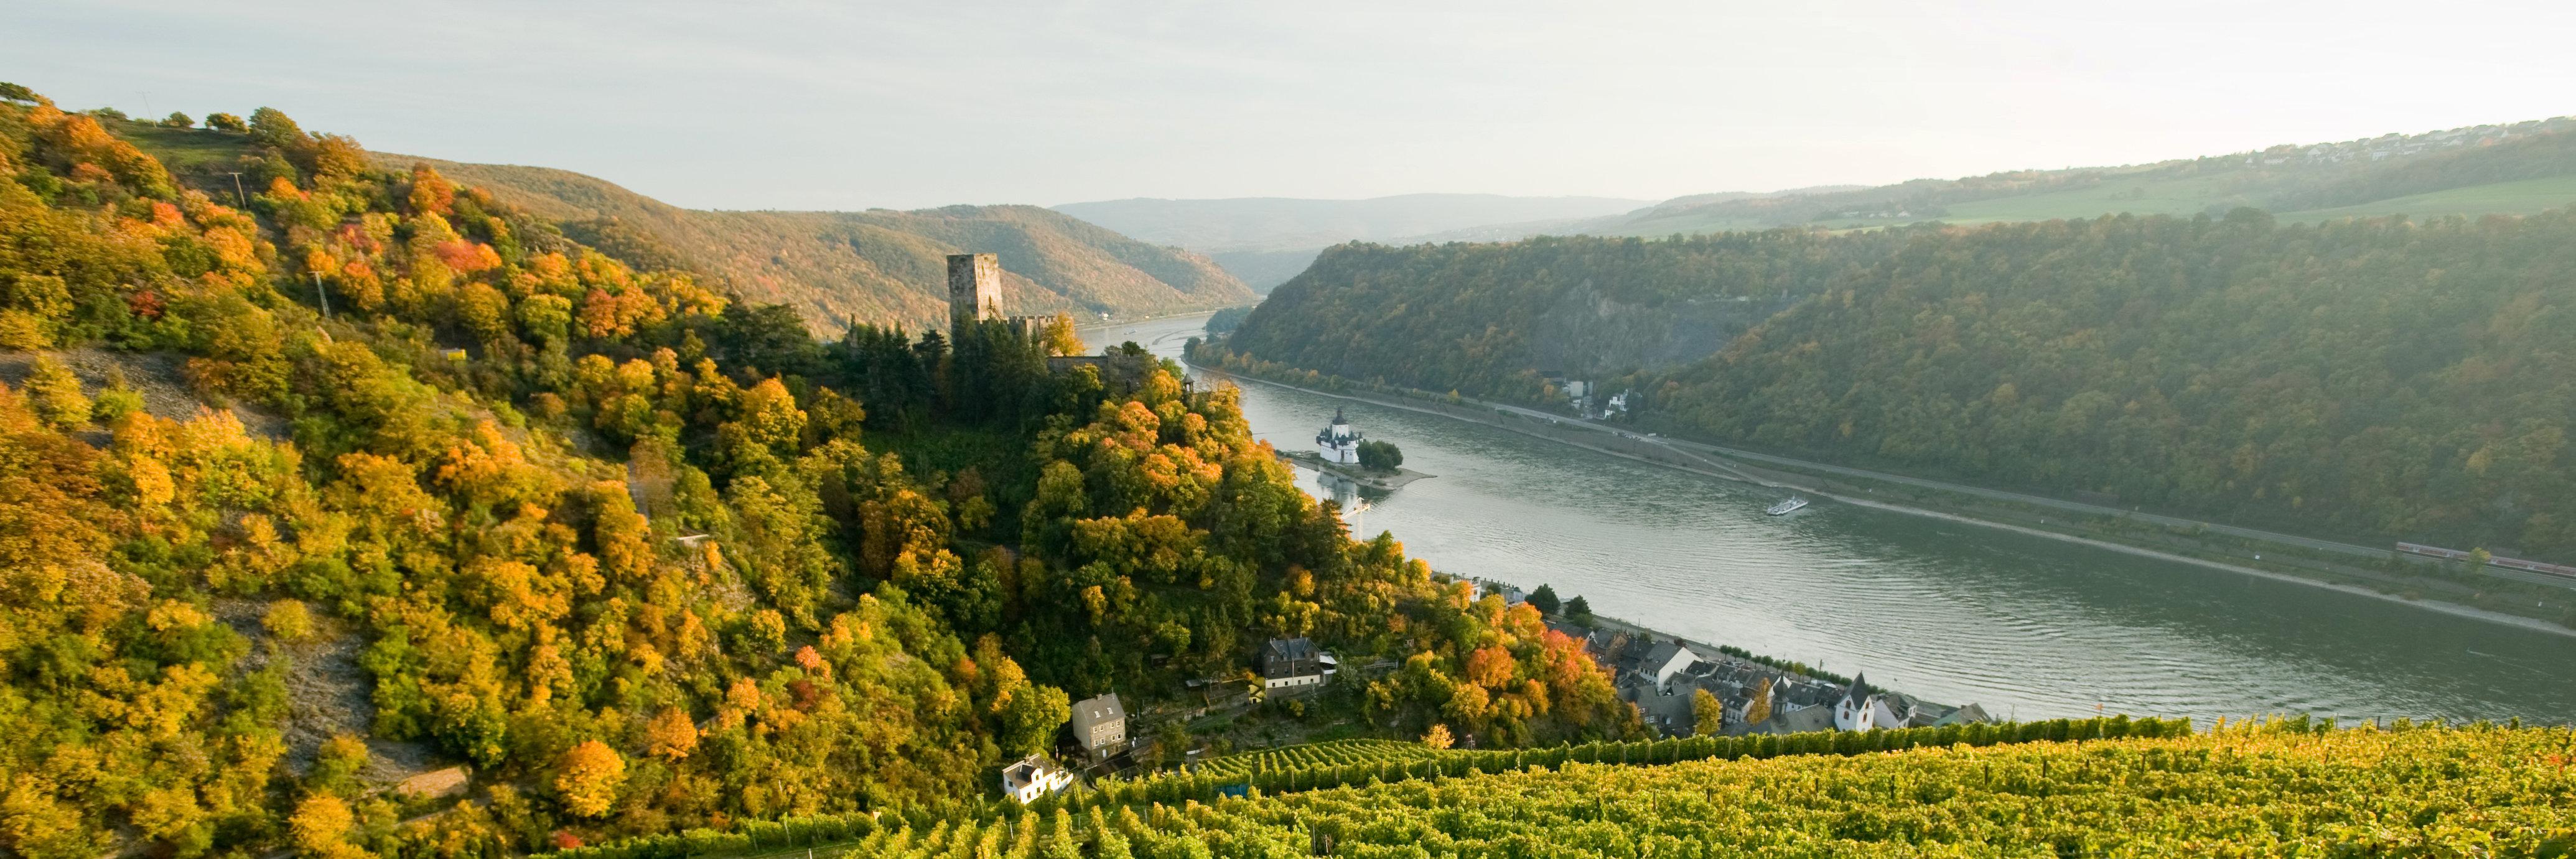 Uitzicht op de wijnbergen en de kasteel Pfalzgrafenstein, Romantische Rijn